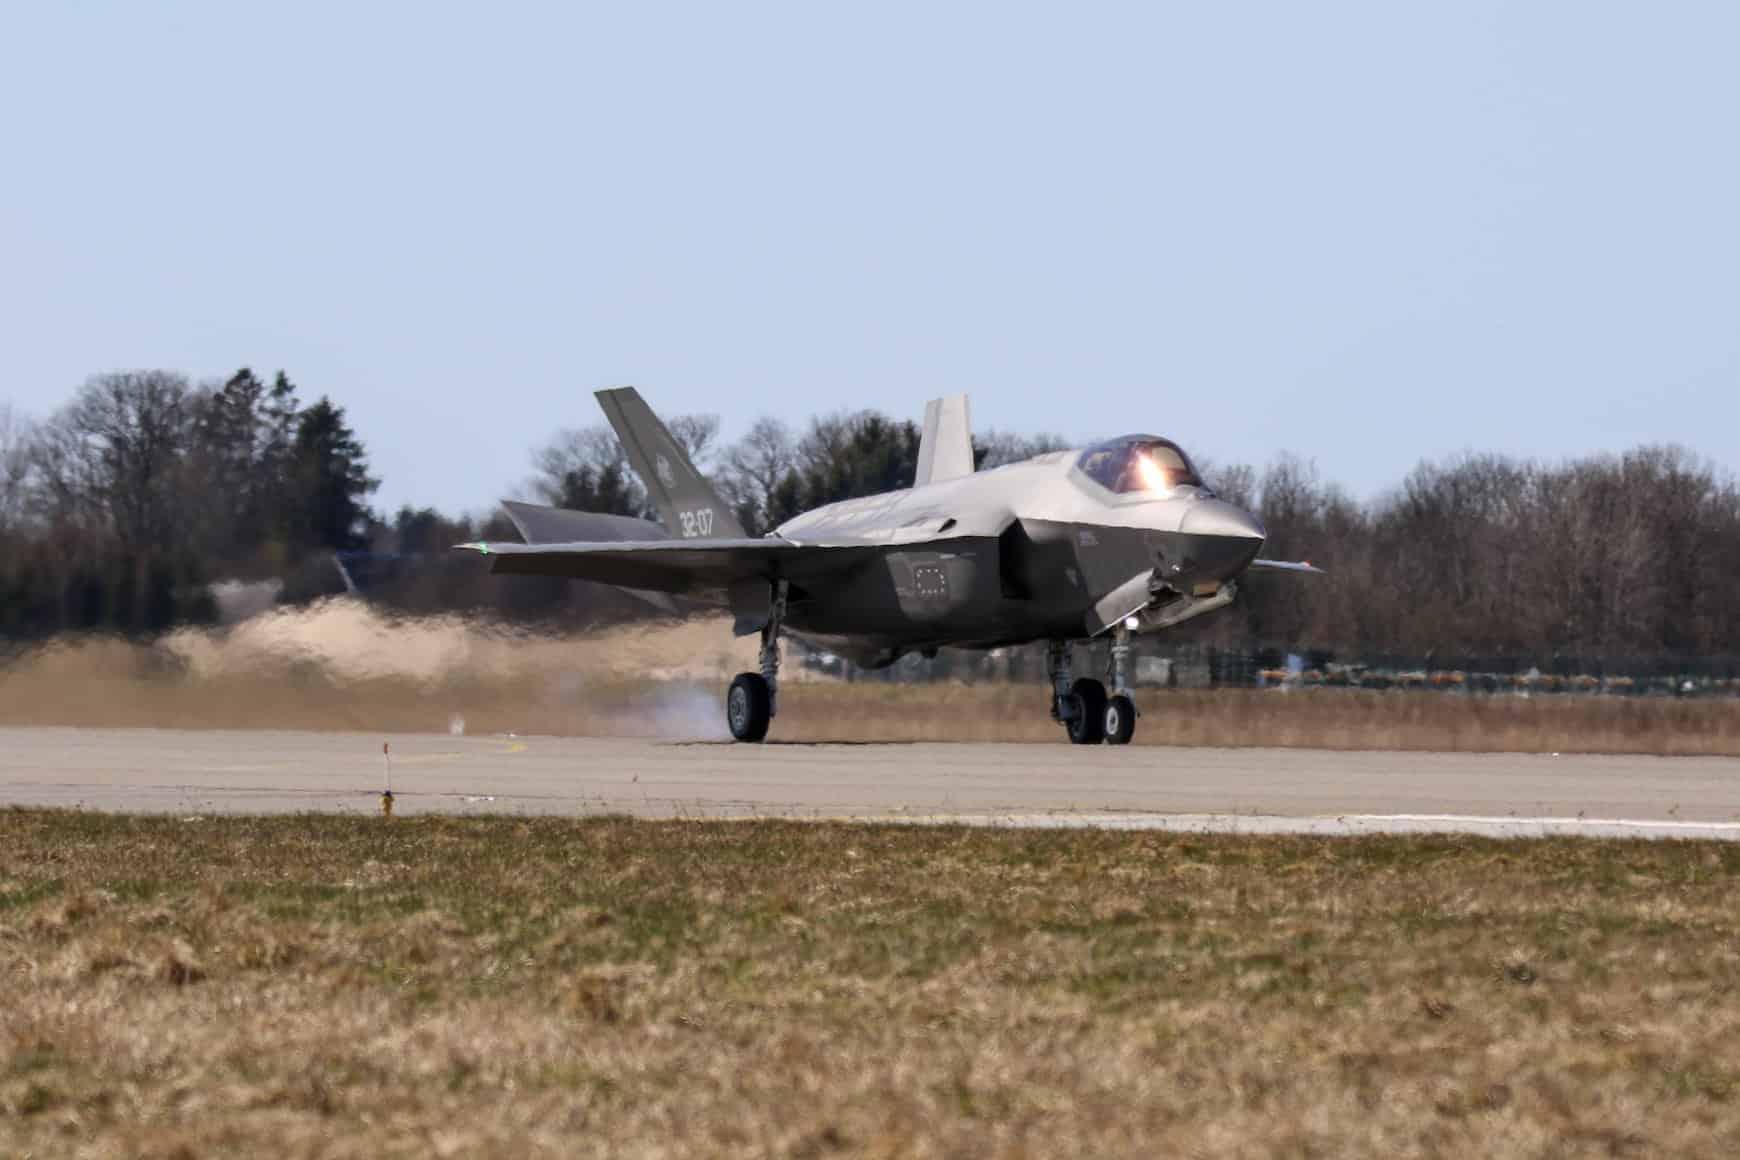 Винищувач F-35 Повітряних сил Італії на авіабазі Емарі в Естонії